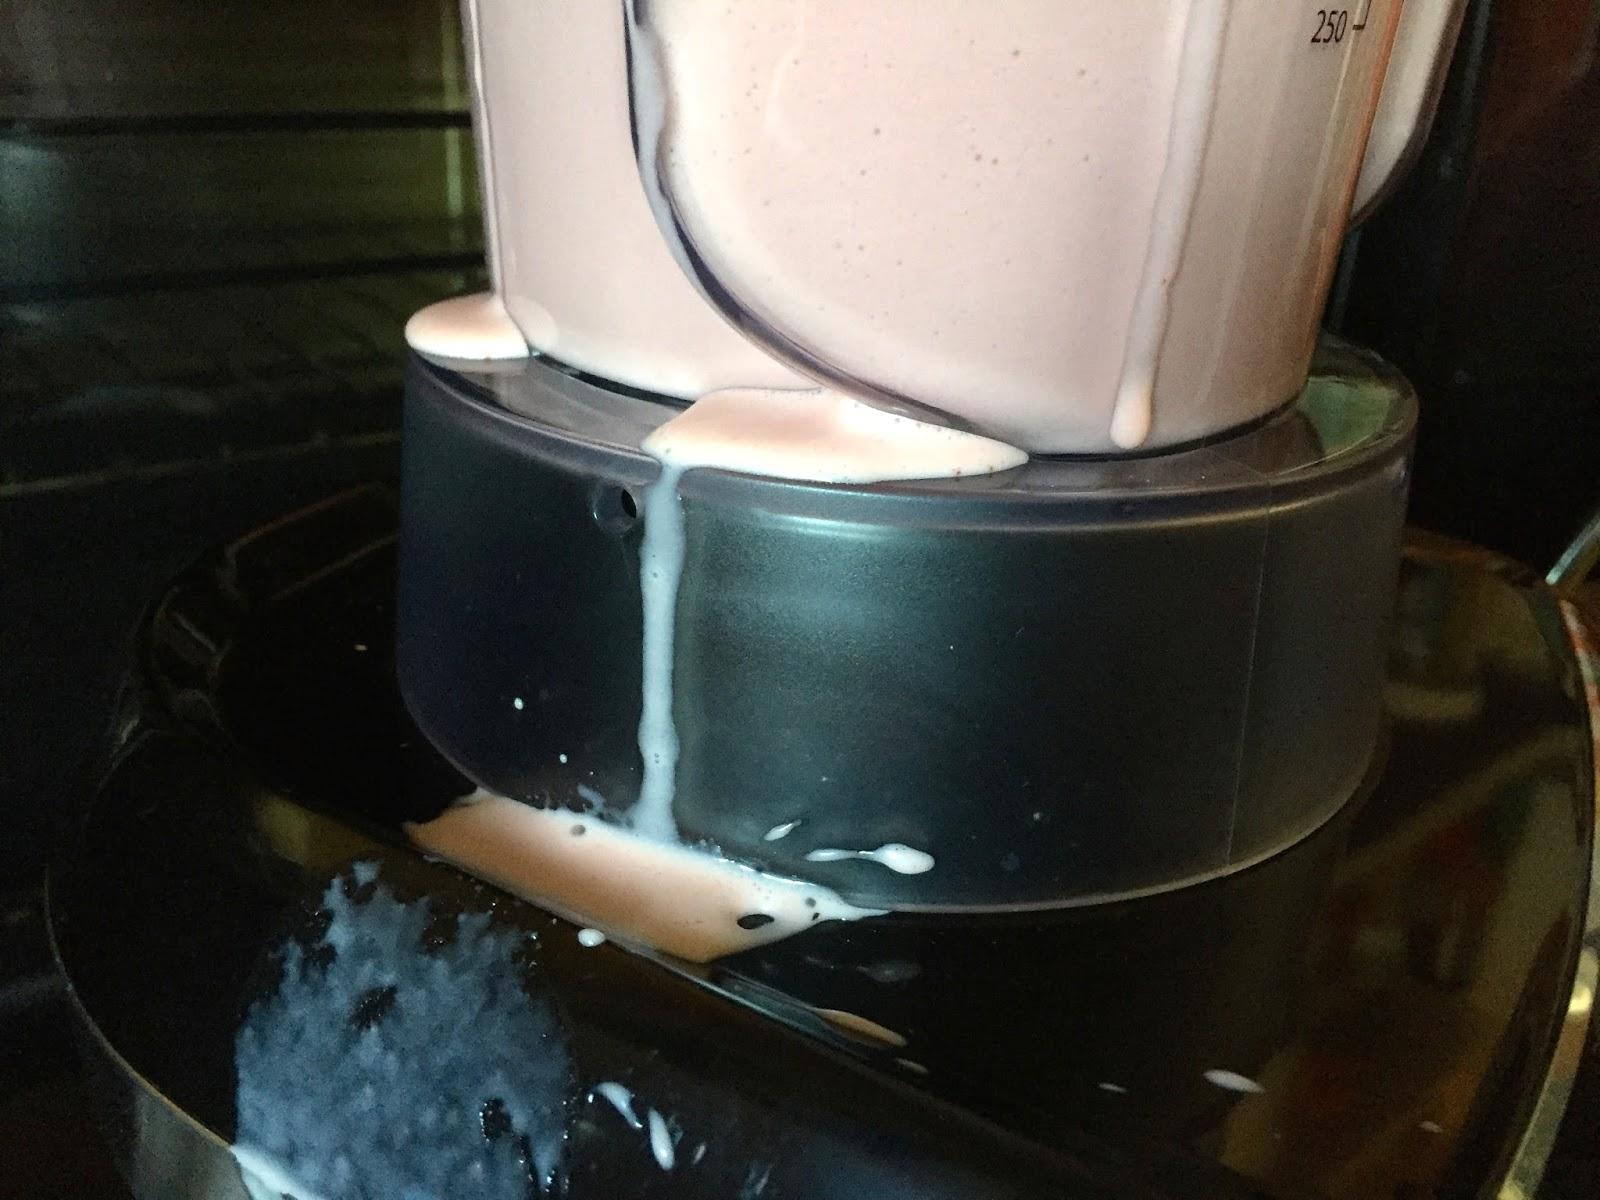 Nach verbranntem riecht gummi spülmaschine Spülmaschine in